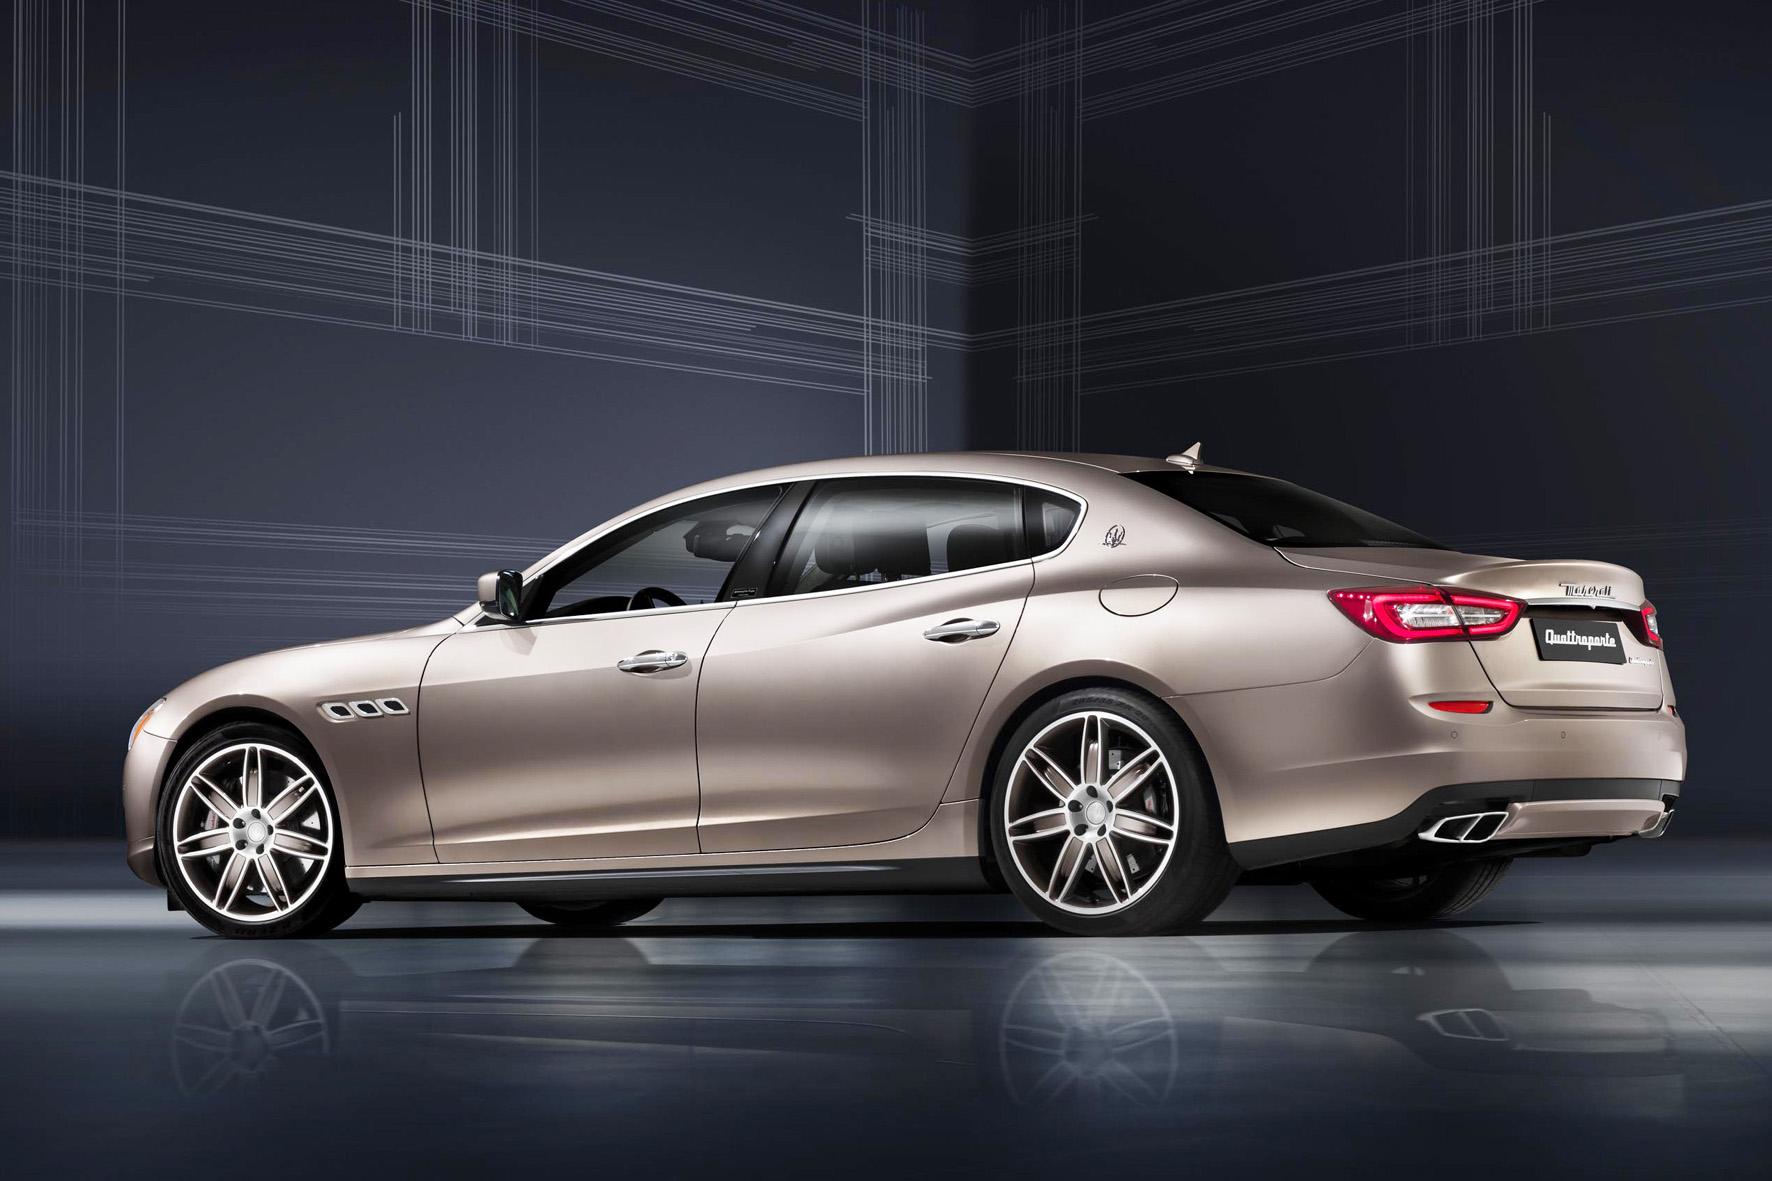 100 Maserati Quattroporte wird es als Sonderserie Zegna geben